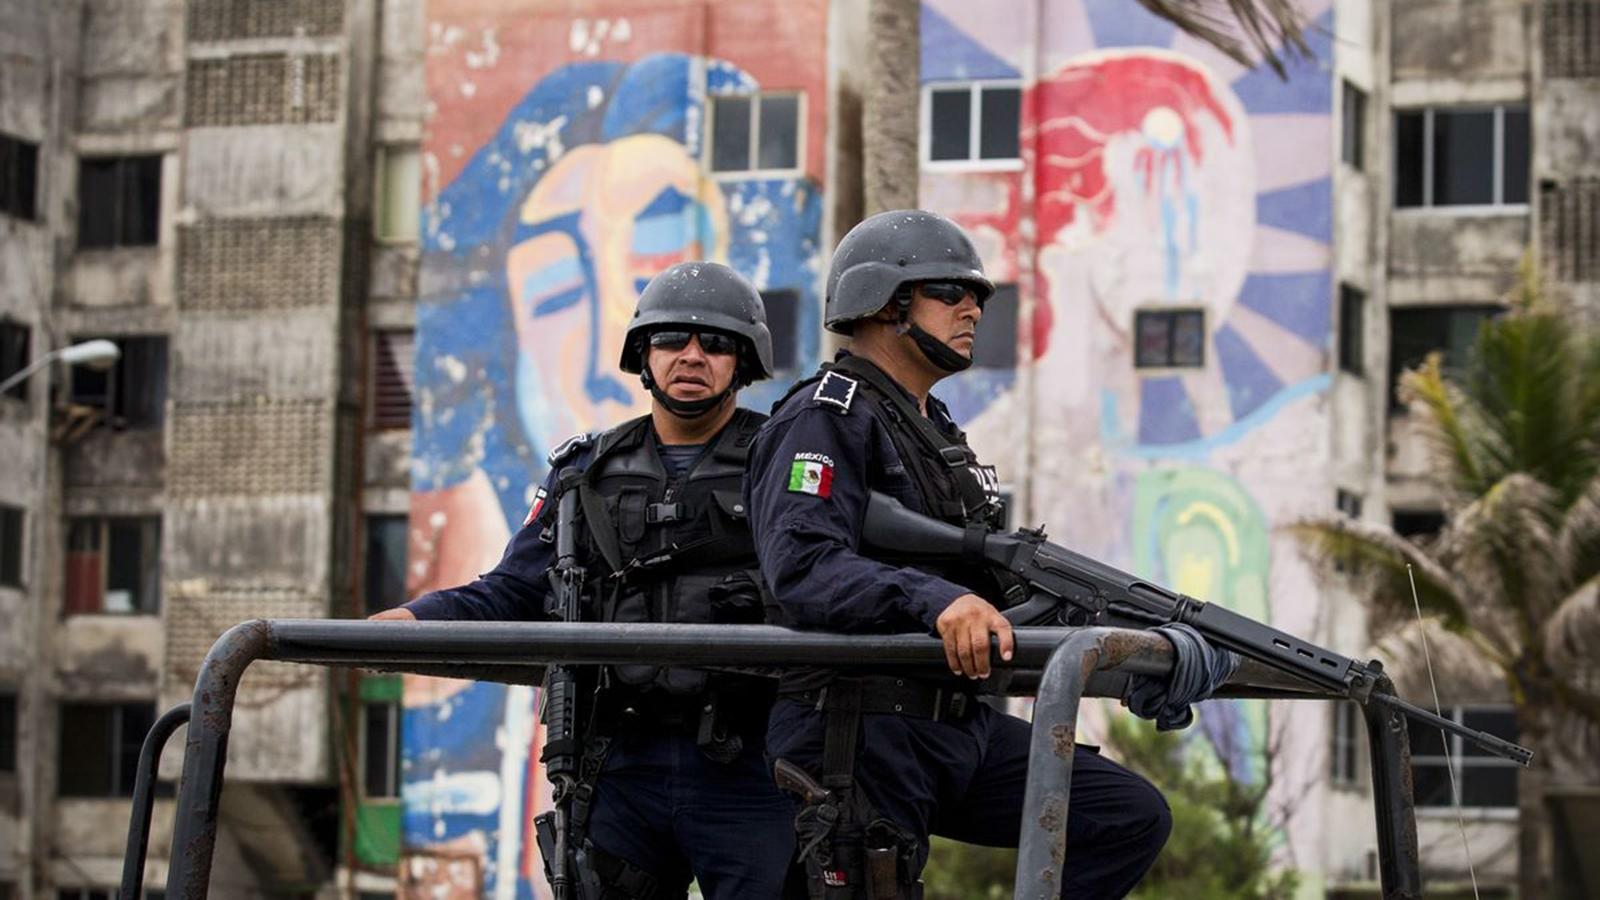 اختطاف 20 أجنبيا من فندق في المكسيك